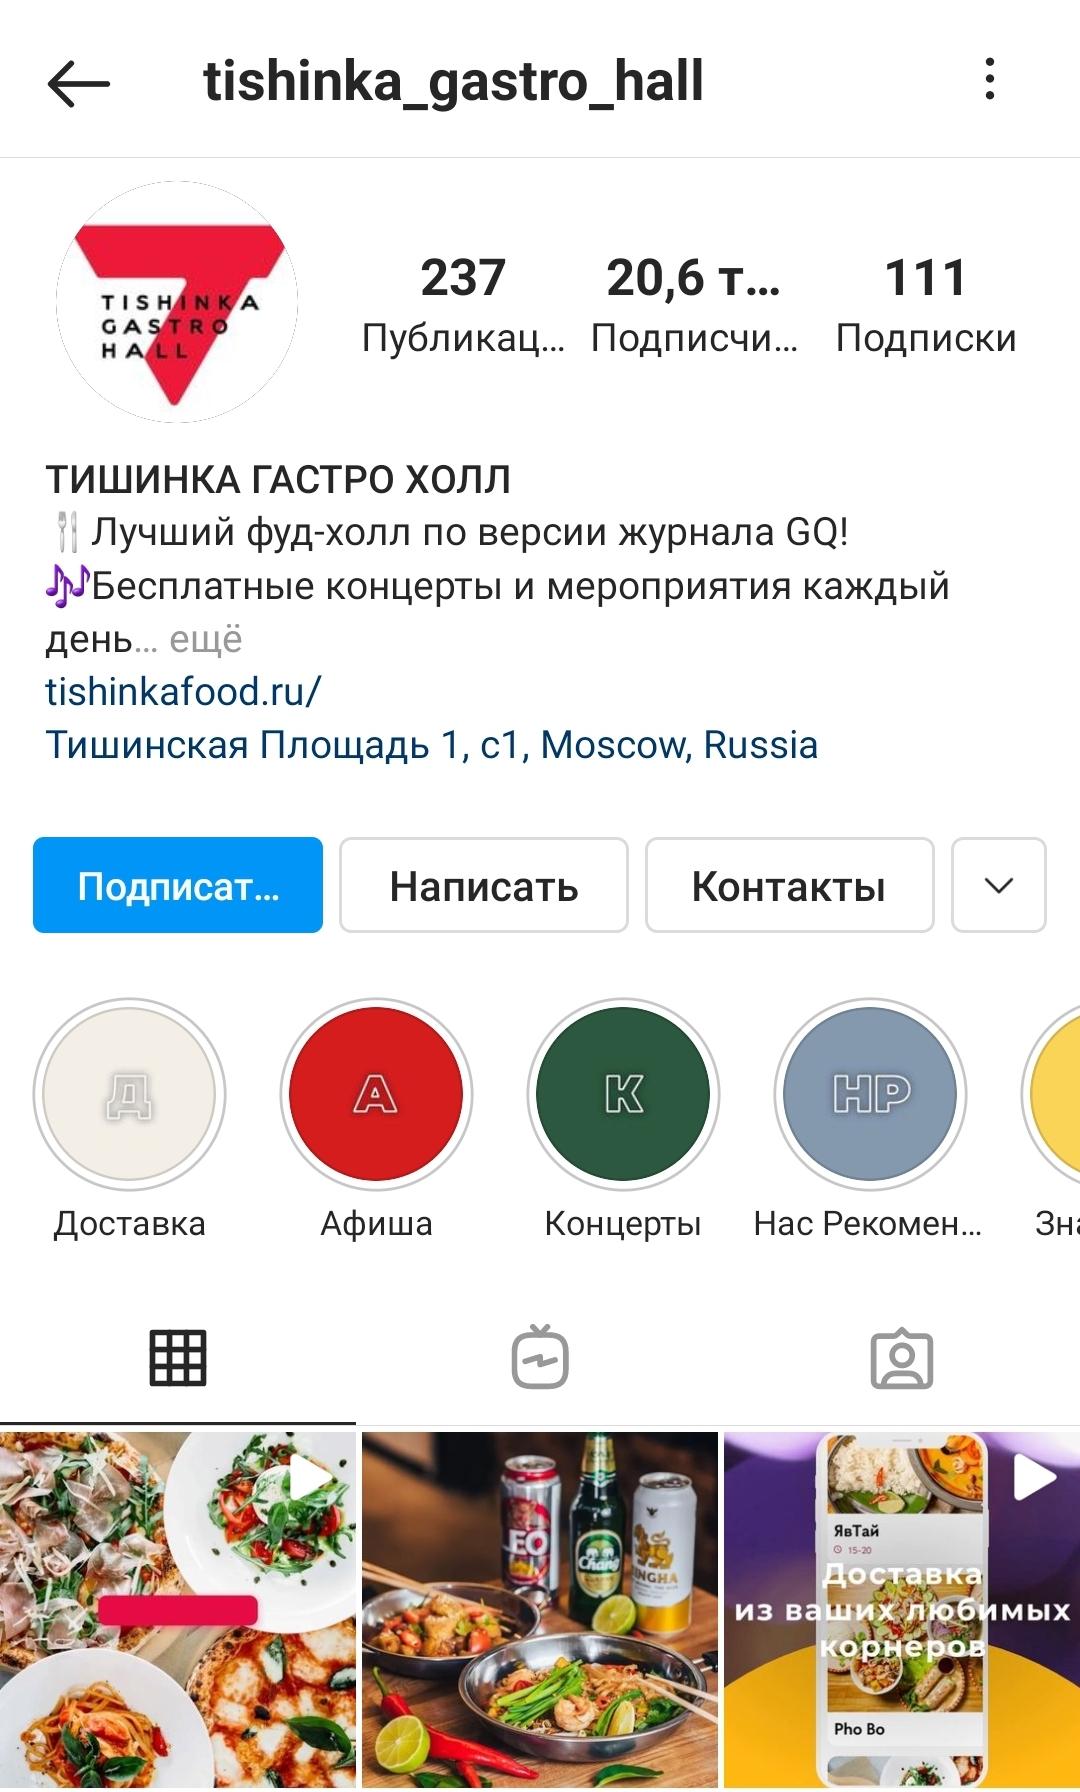 TishinkaGastroHall - Mayco Agency